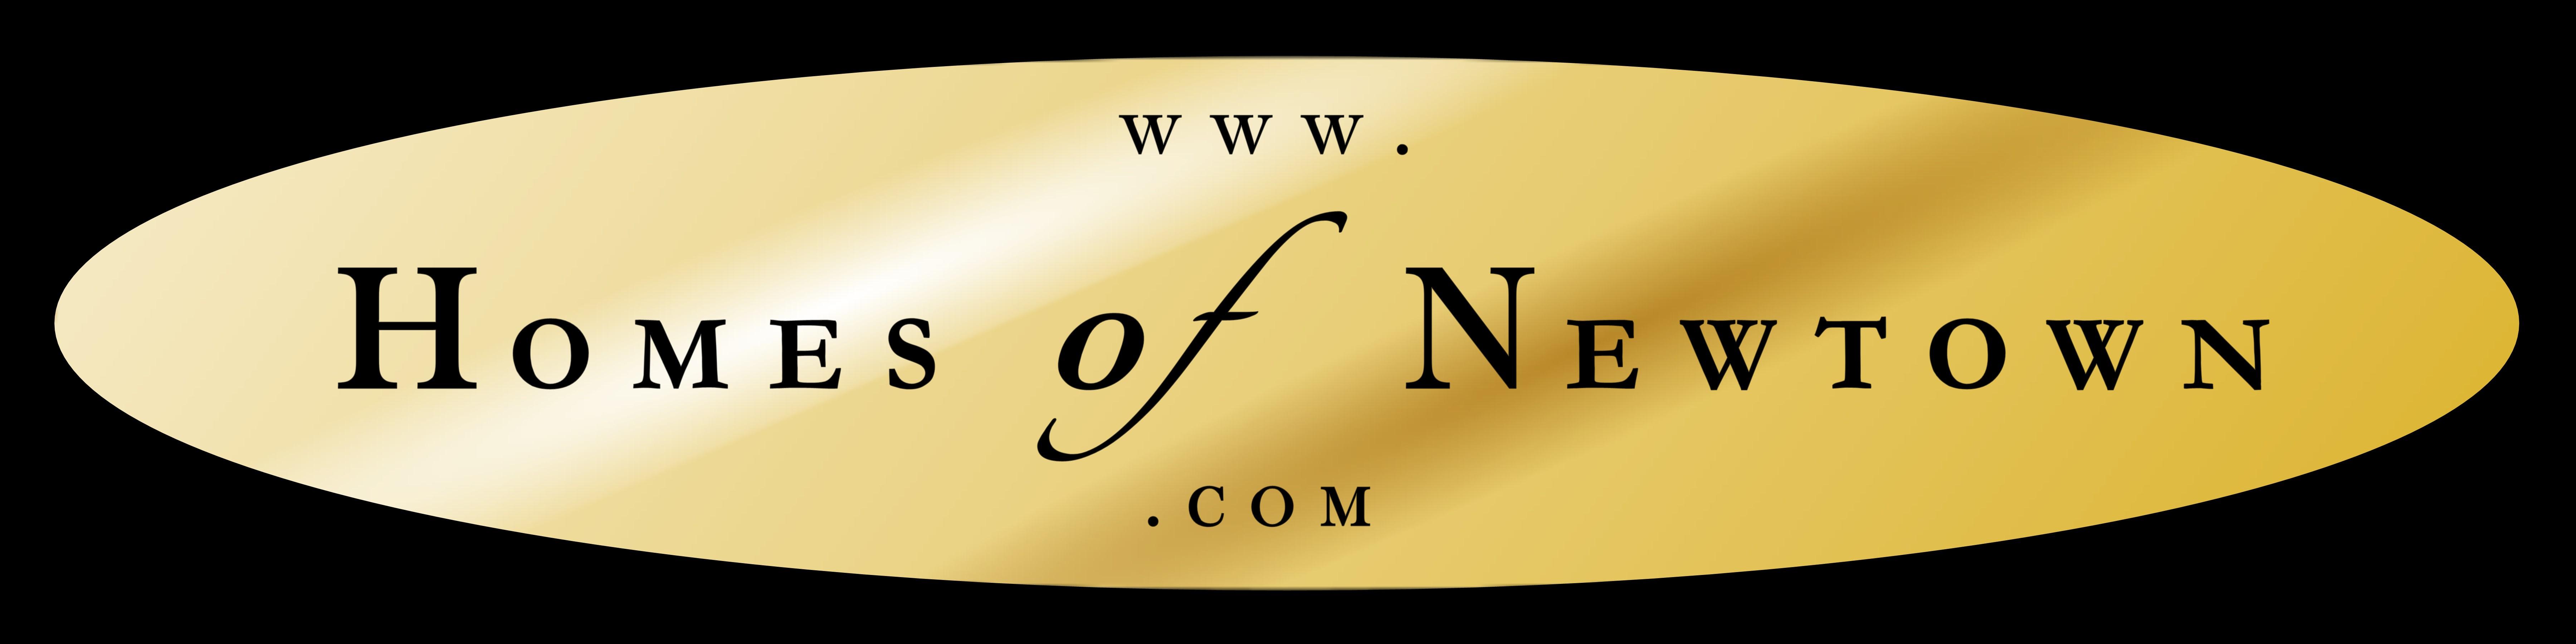 Homes Of Newtown | Homes in Newtown PA Bucks County | Newtown Bucks County Homes for Sale | @NewtownPA | #NewtownPA